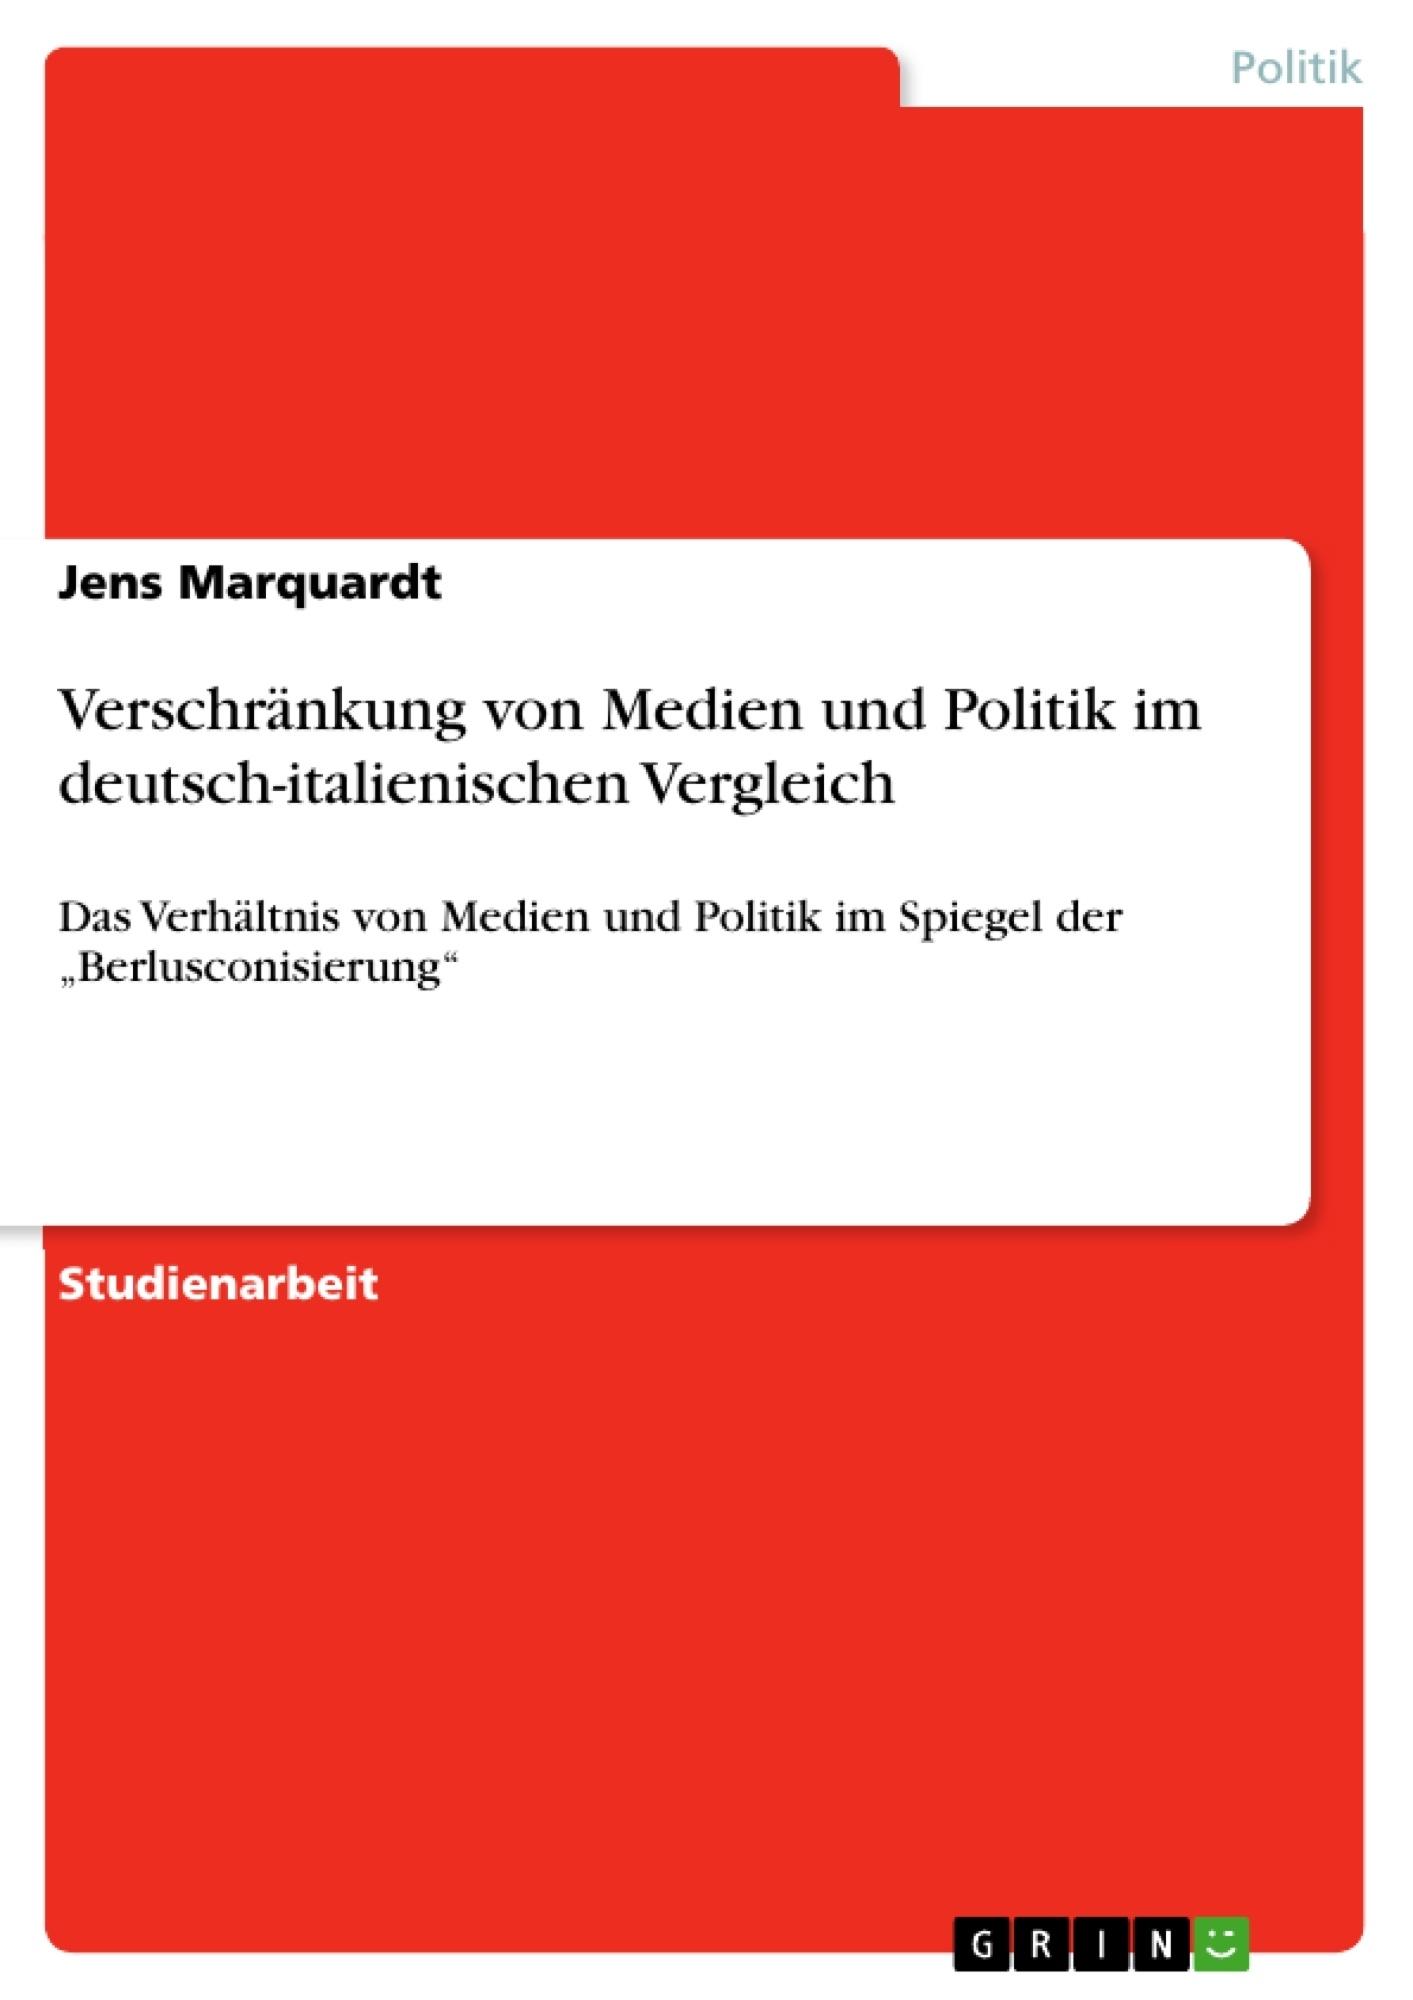 Titel: Verschränkung von Medien und Politik im deutsch-italienischen Vergleich